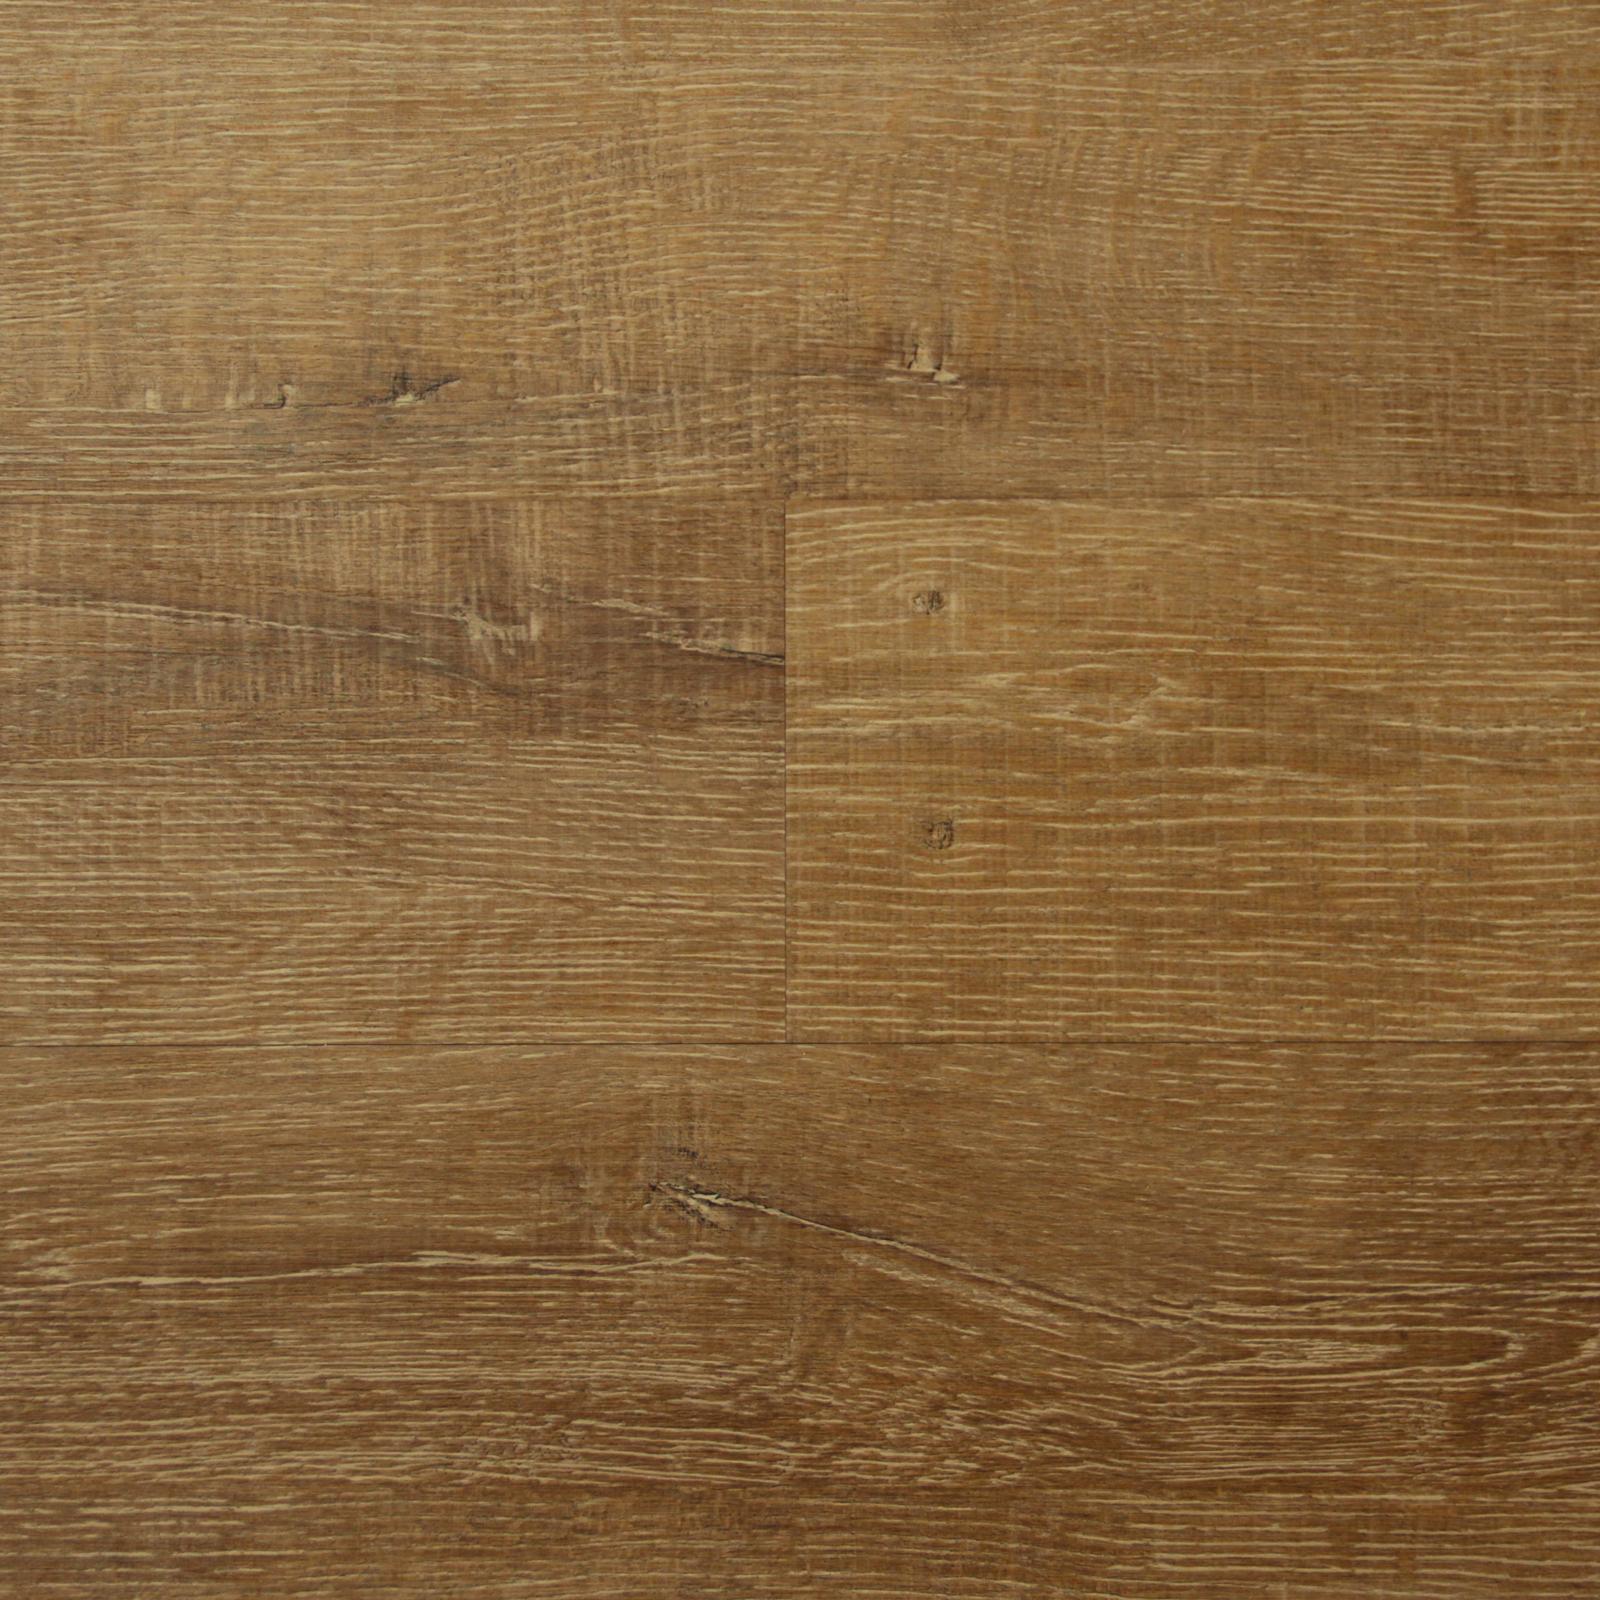 Smart Flooring 1.823sqm Australian Oak Waterproof Hybrid Vinyl Plank